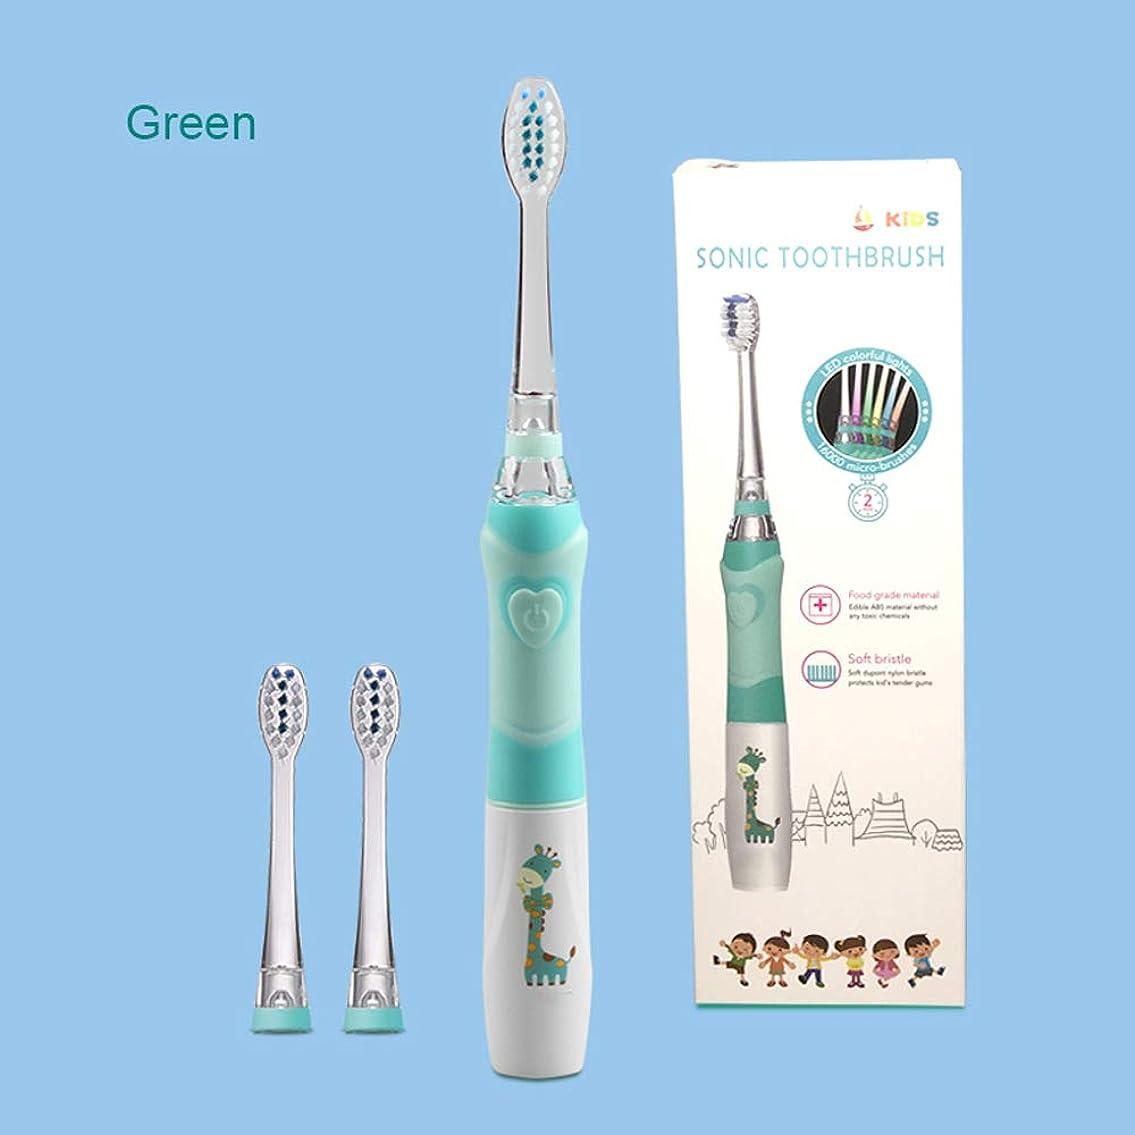 報告書年金正確に子供用電動歯ブラシ3-12歳用バッテリー子供用歯ブラシLEDソニックキッズ用歯ブラシ、タイマー3ノズル付き,グリーン